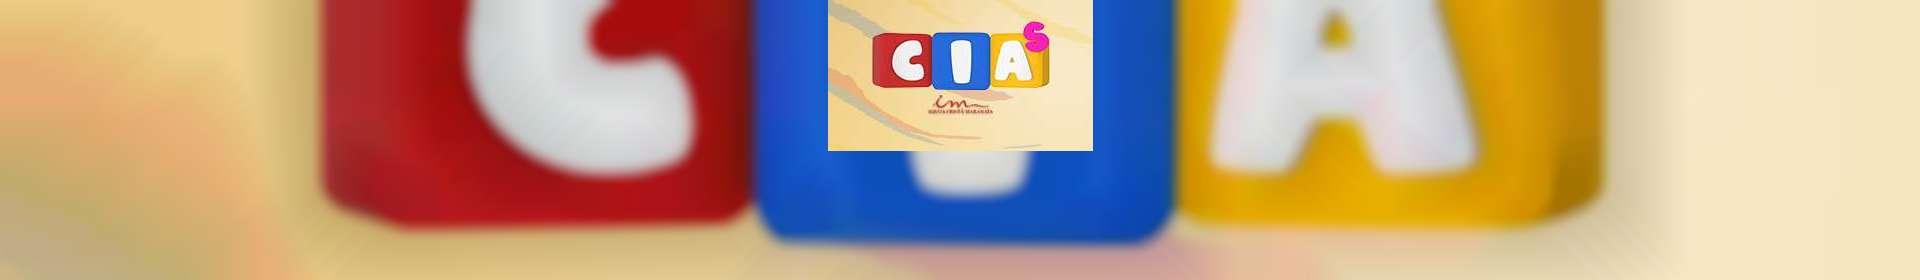 Aula de CIAS: classe de 0 a 3 anos e gestantes - 30 de julho de 2020